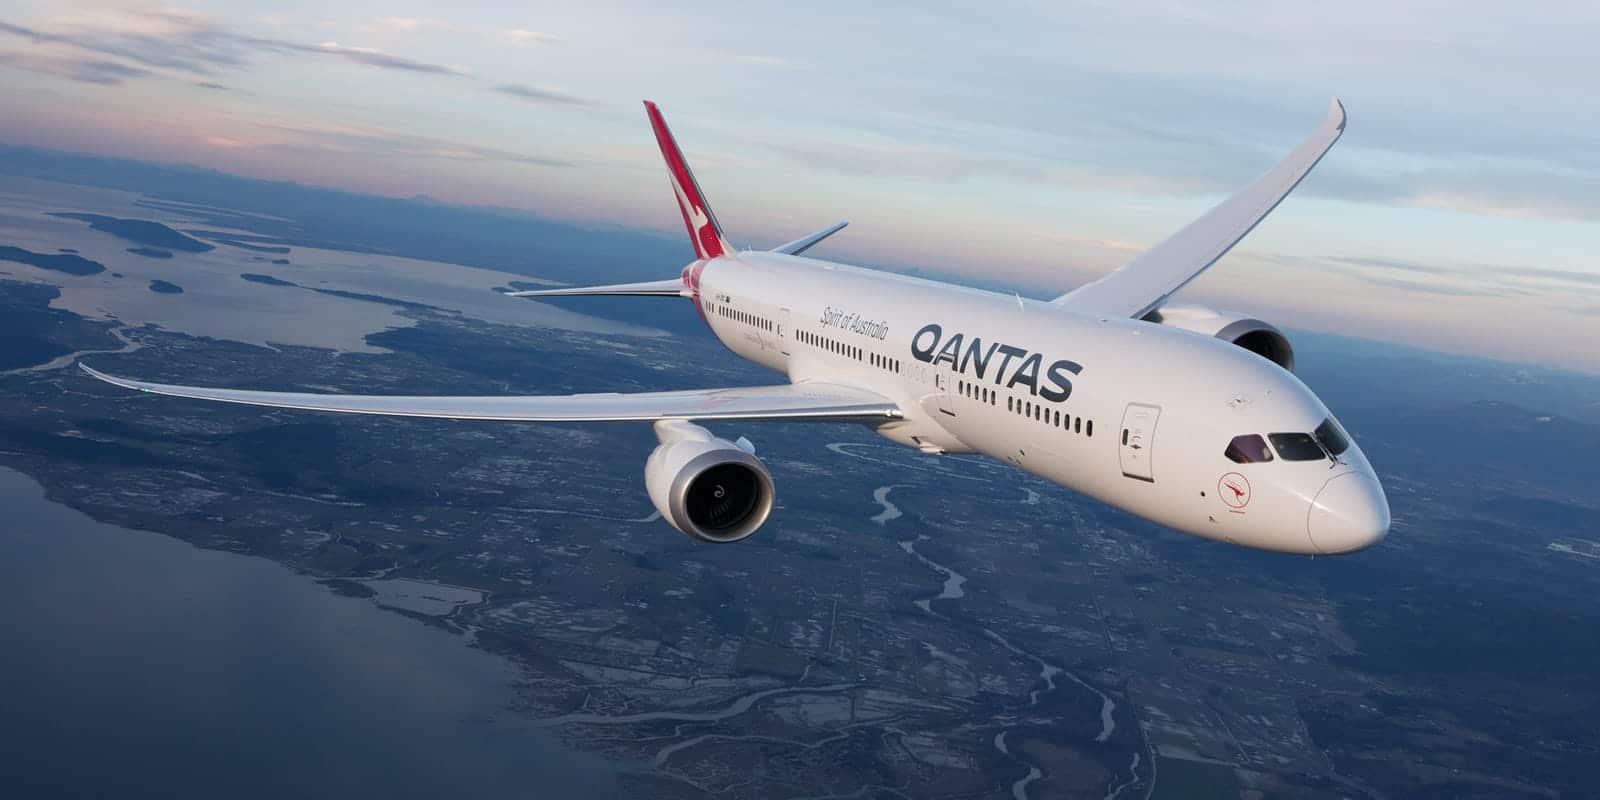 433a6a55-0a29-4c14-a53c-c437623a7813-Qantas_Dreamliner